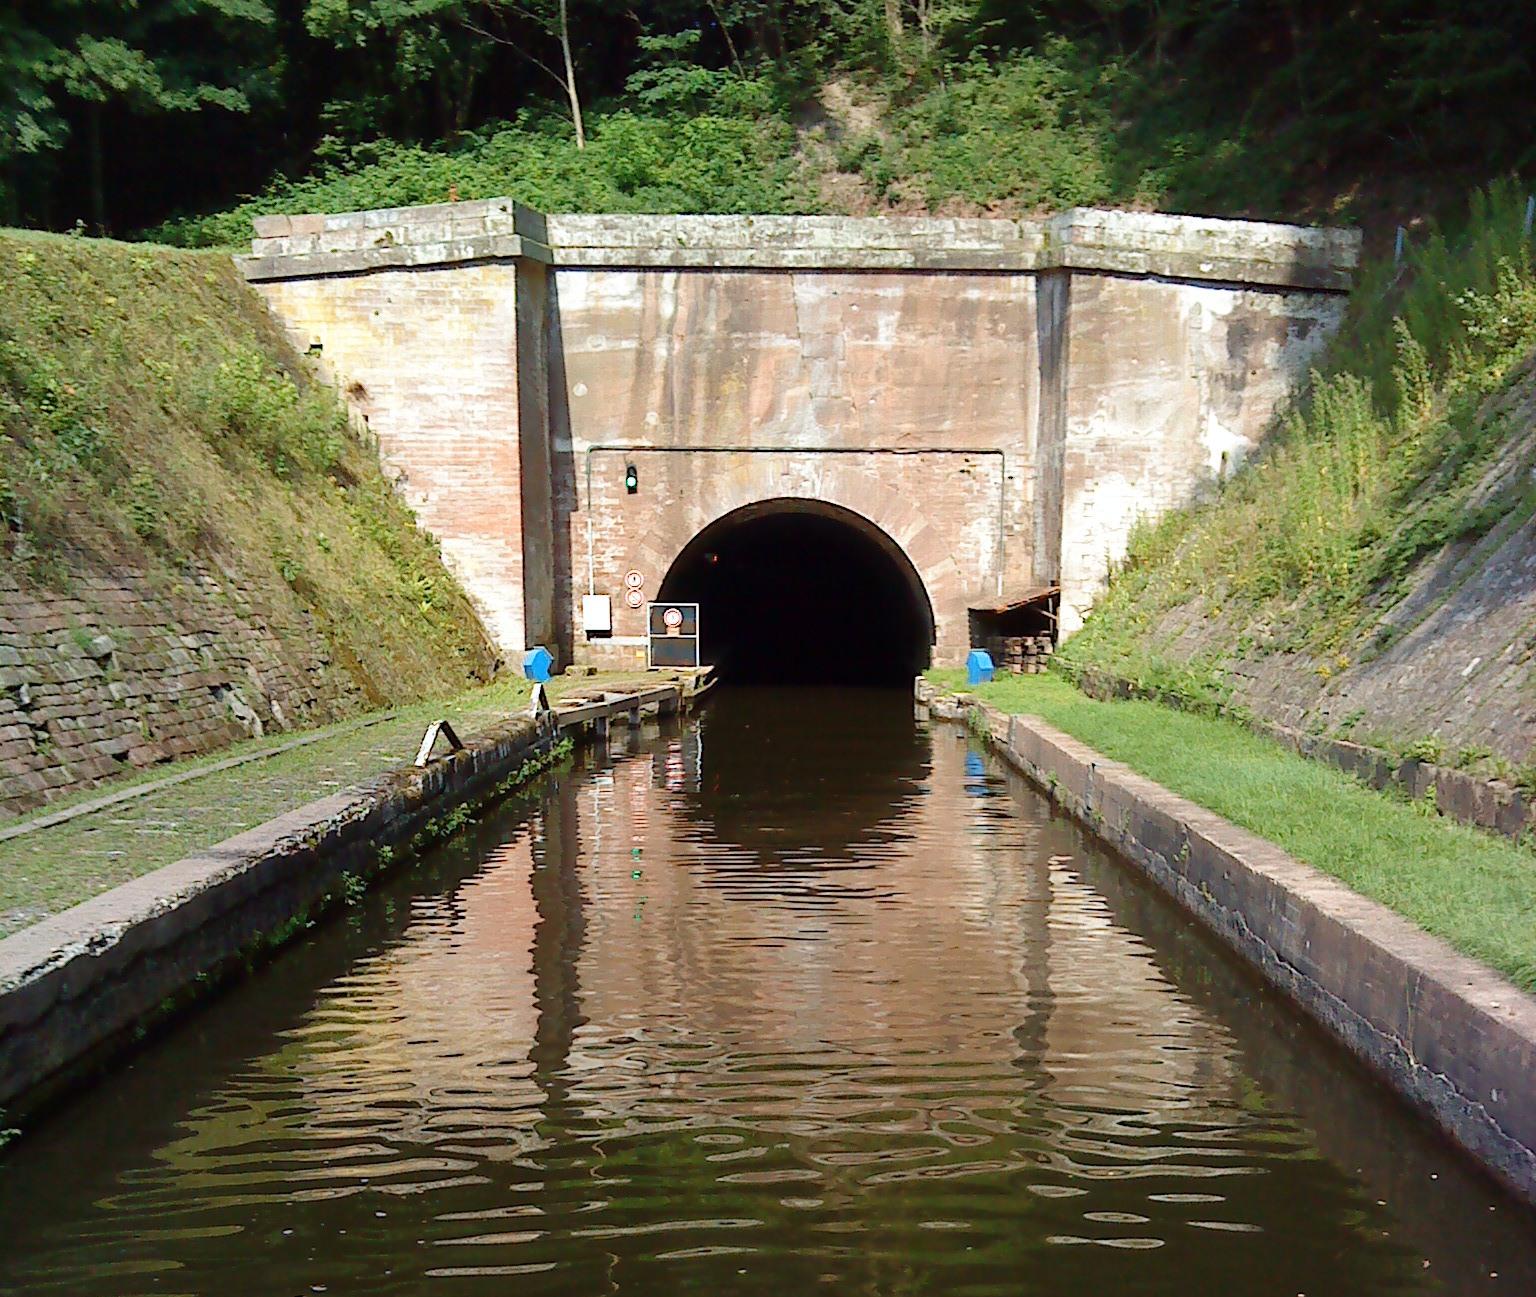 File Rhein-Marne...I 710 Tunnel